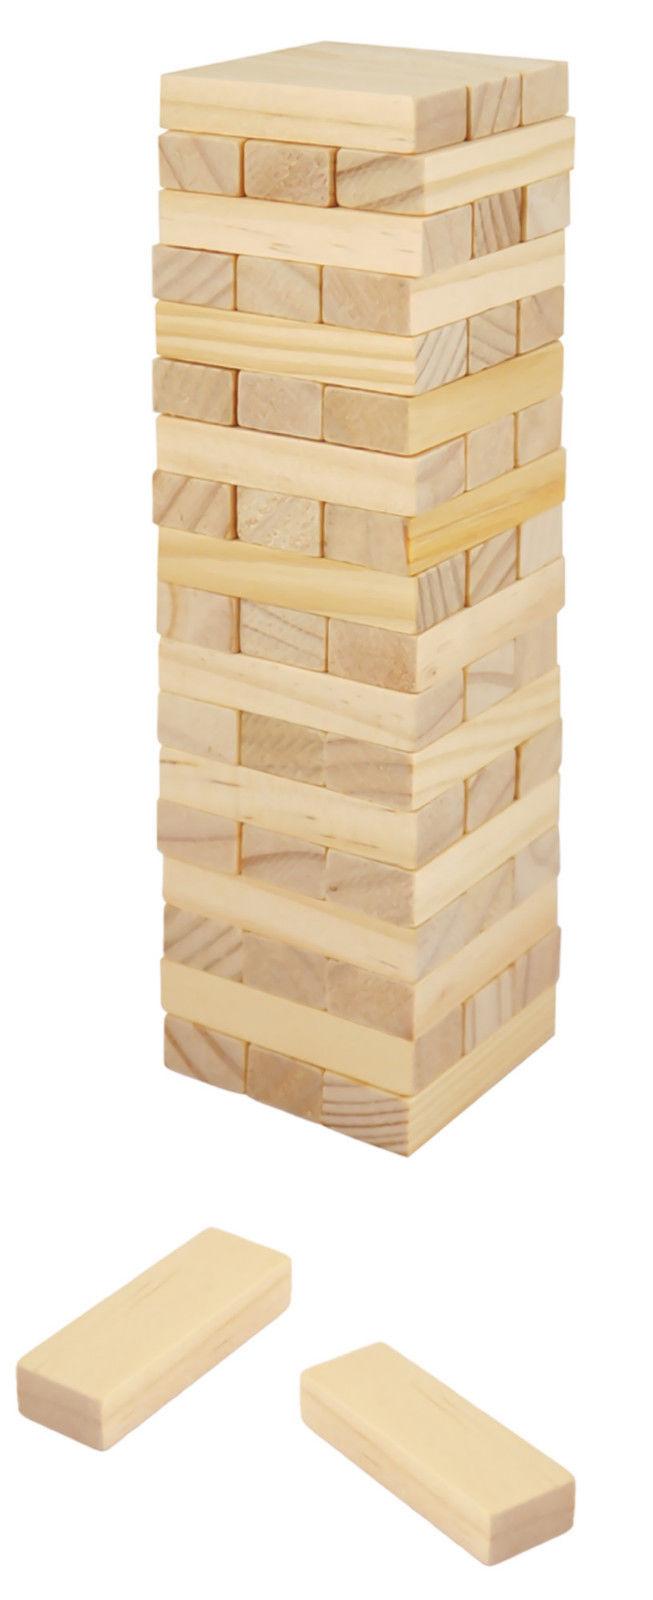 Wackelturm Holzturm Stapelturm Geschicklichkeit Stapelturm Kinder Holz Bausteine